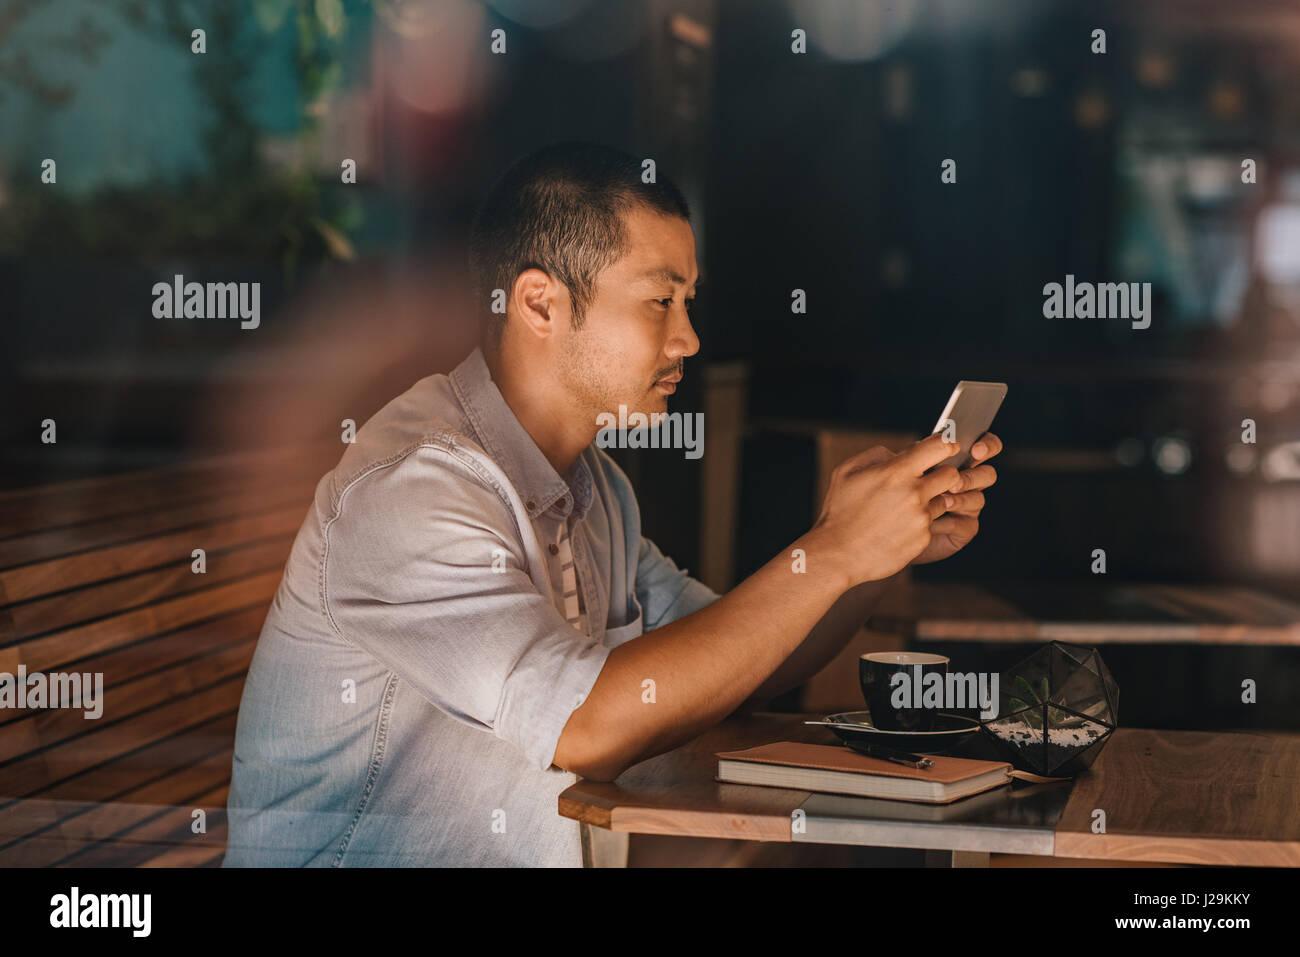 Junge asiatische Mann sitzen in einem Café, im Internet surfen Stockbild